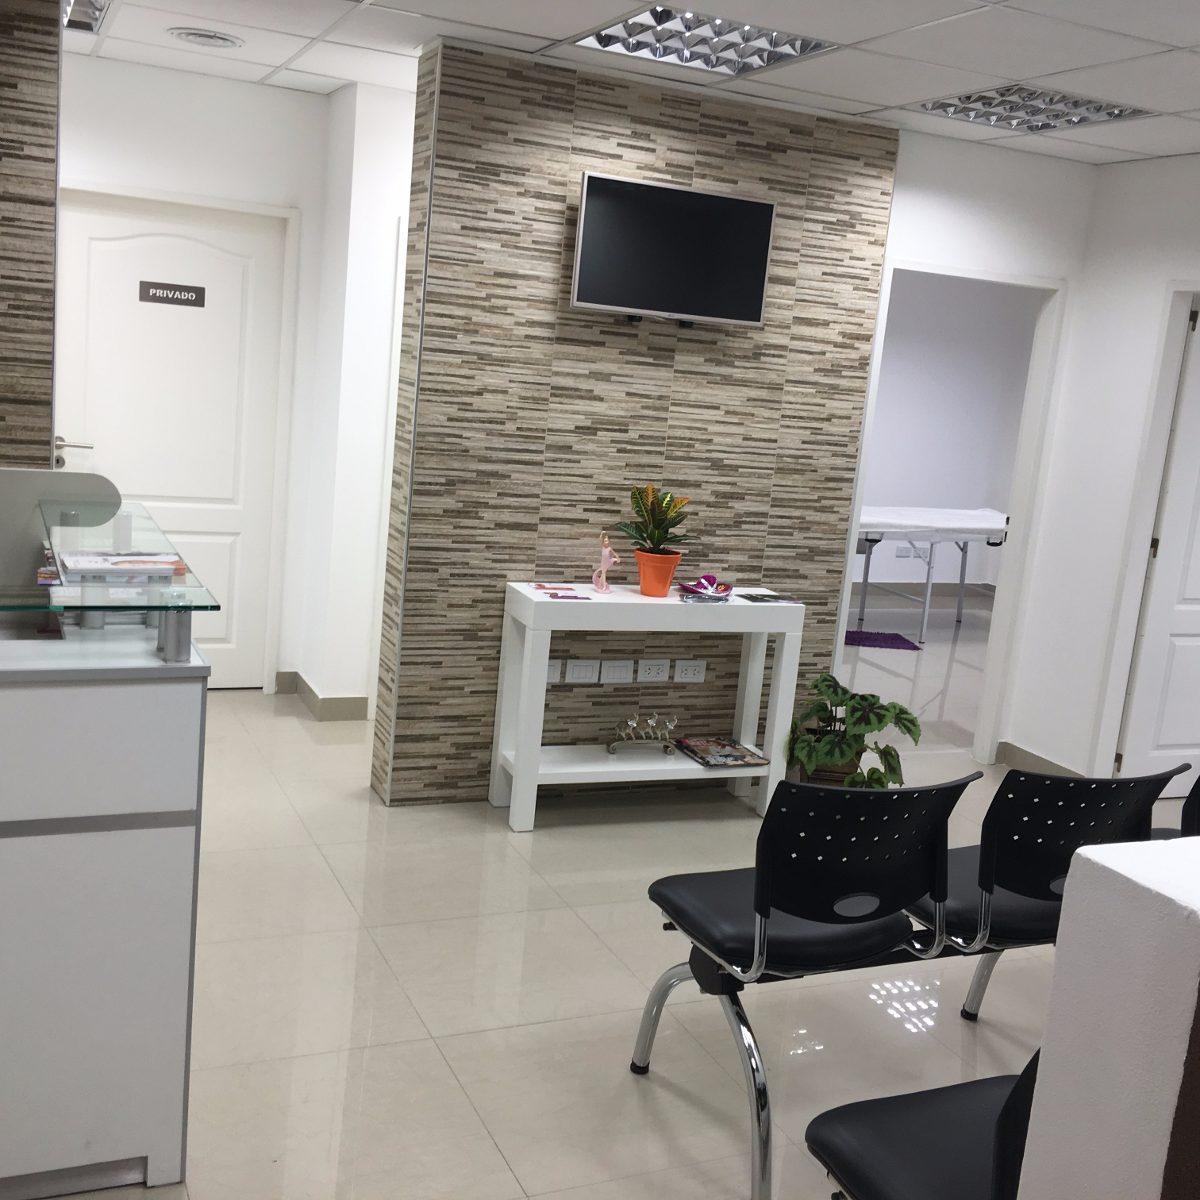 consultorios médicos en mataderos/liniers